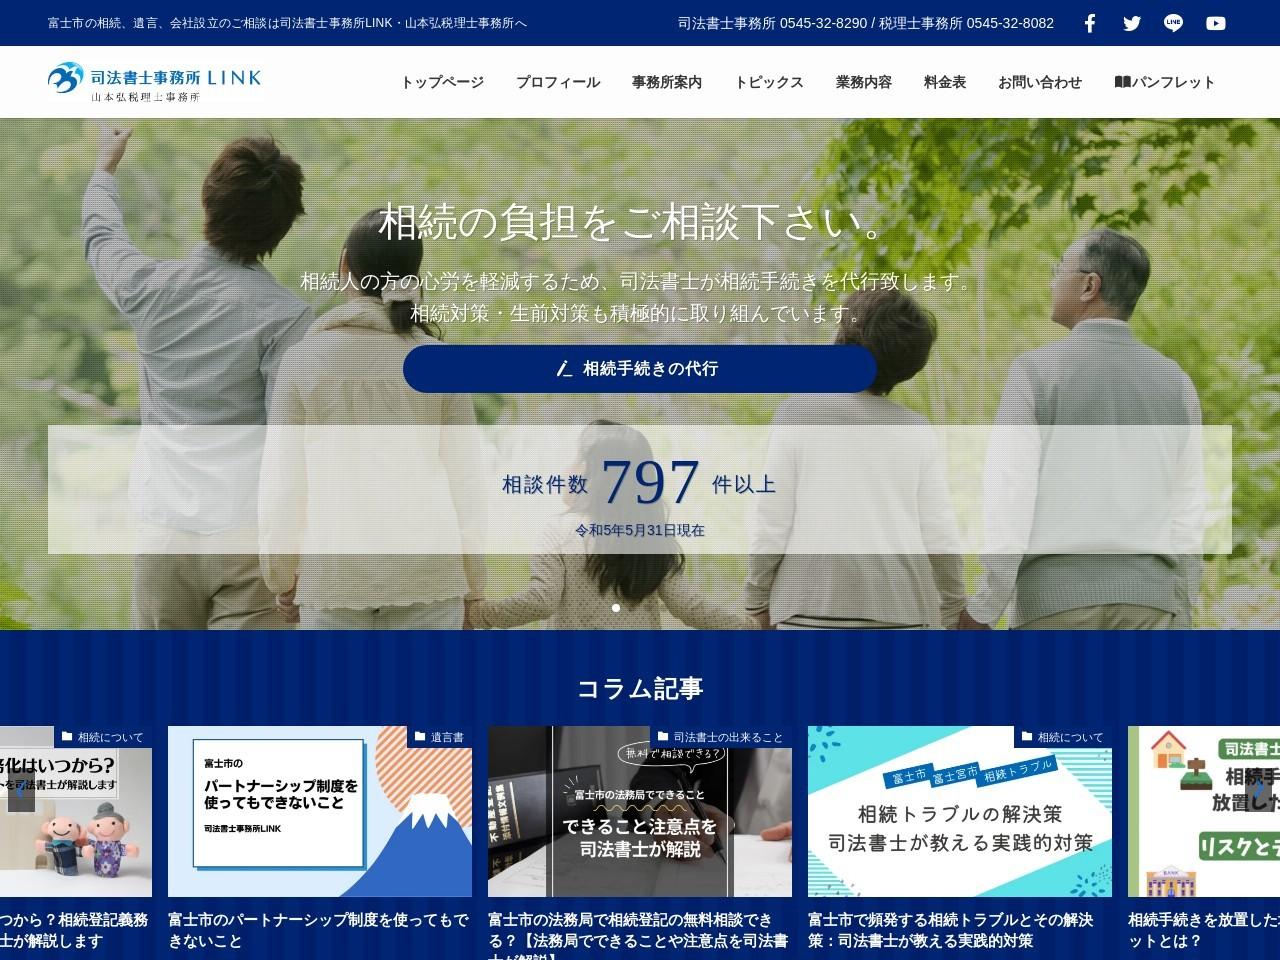 司法書士事務所リンク(LINK)